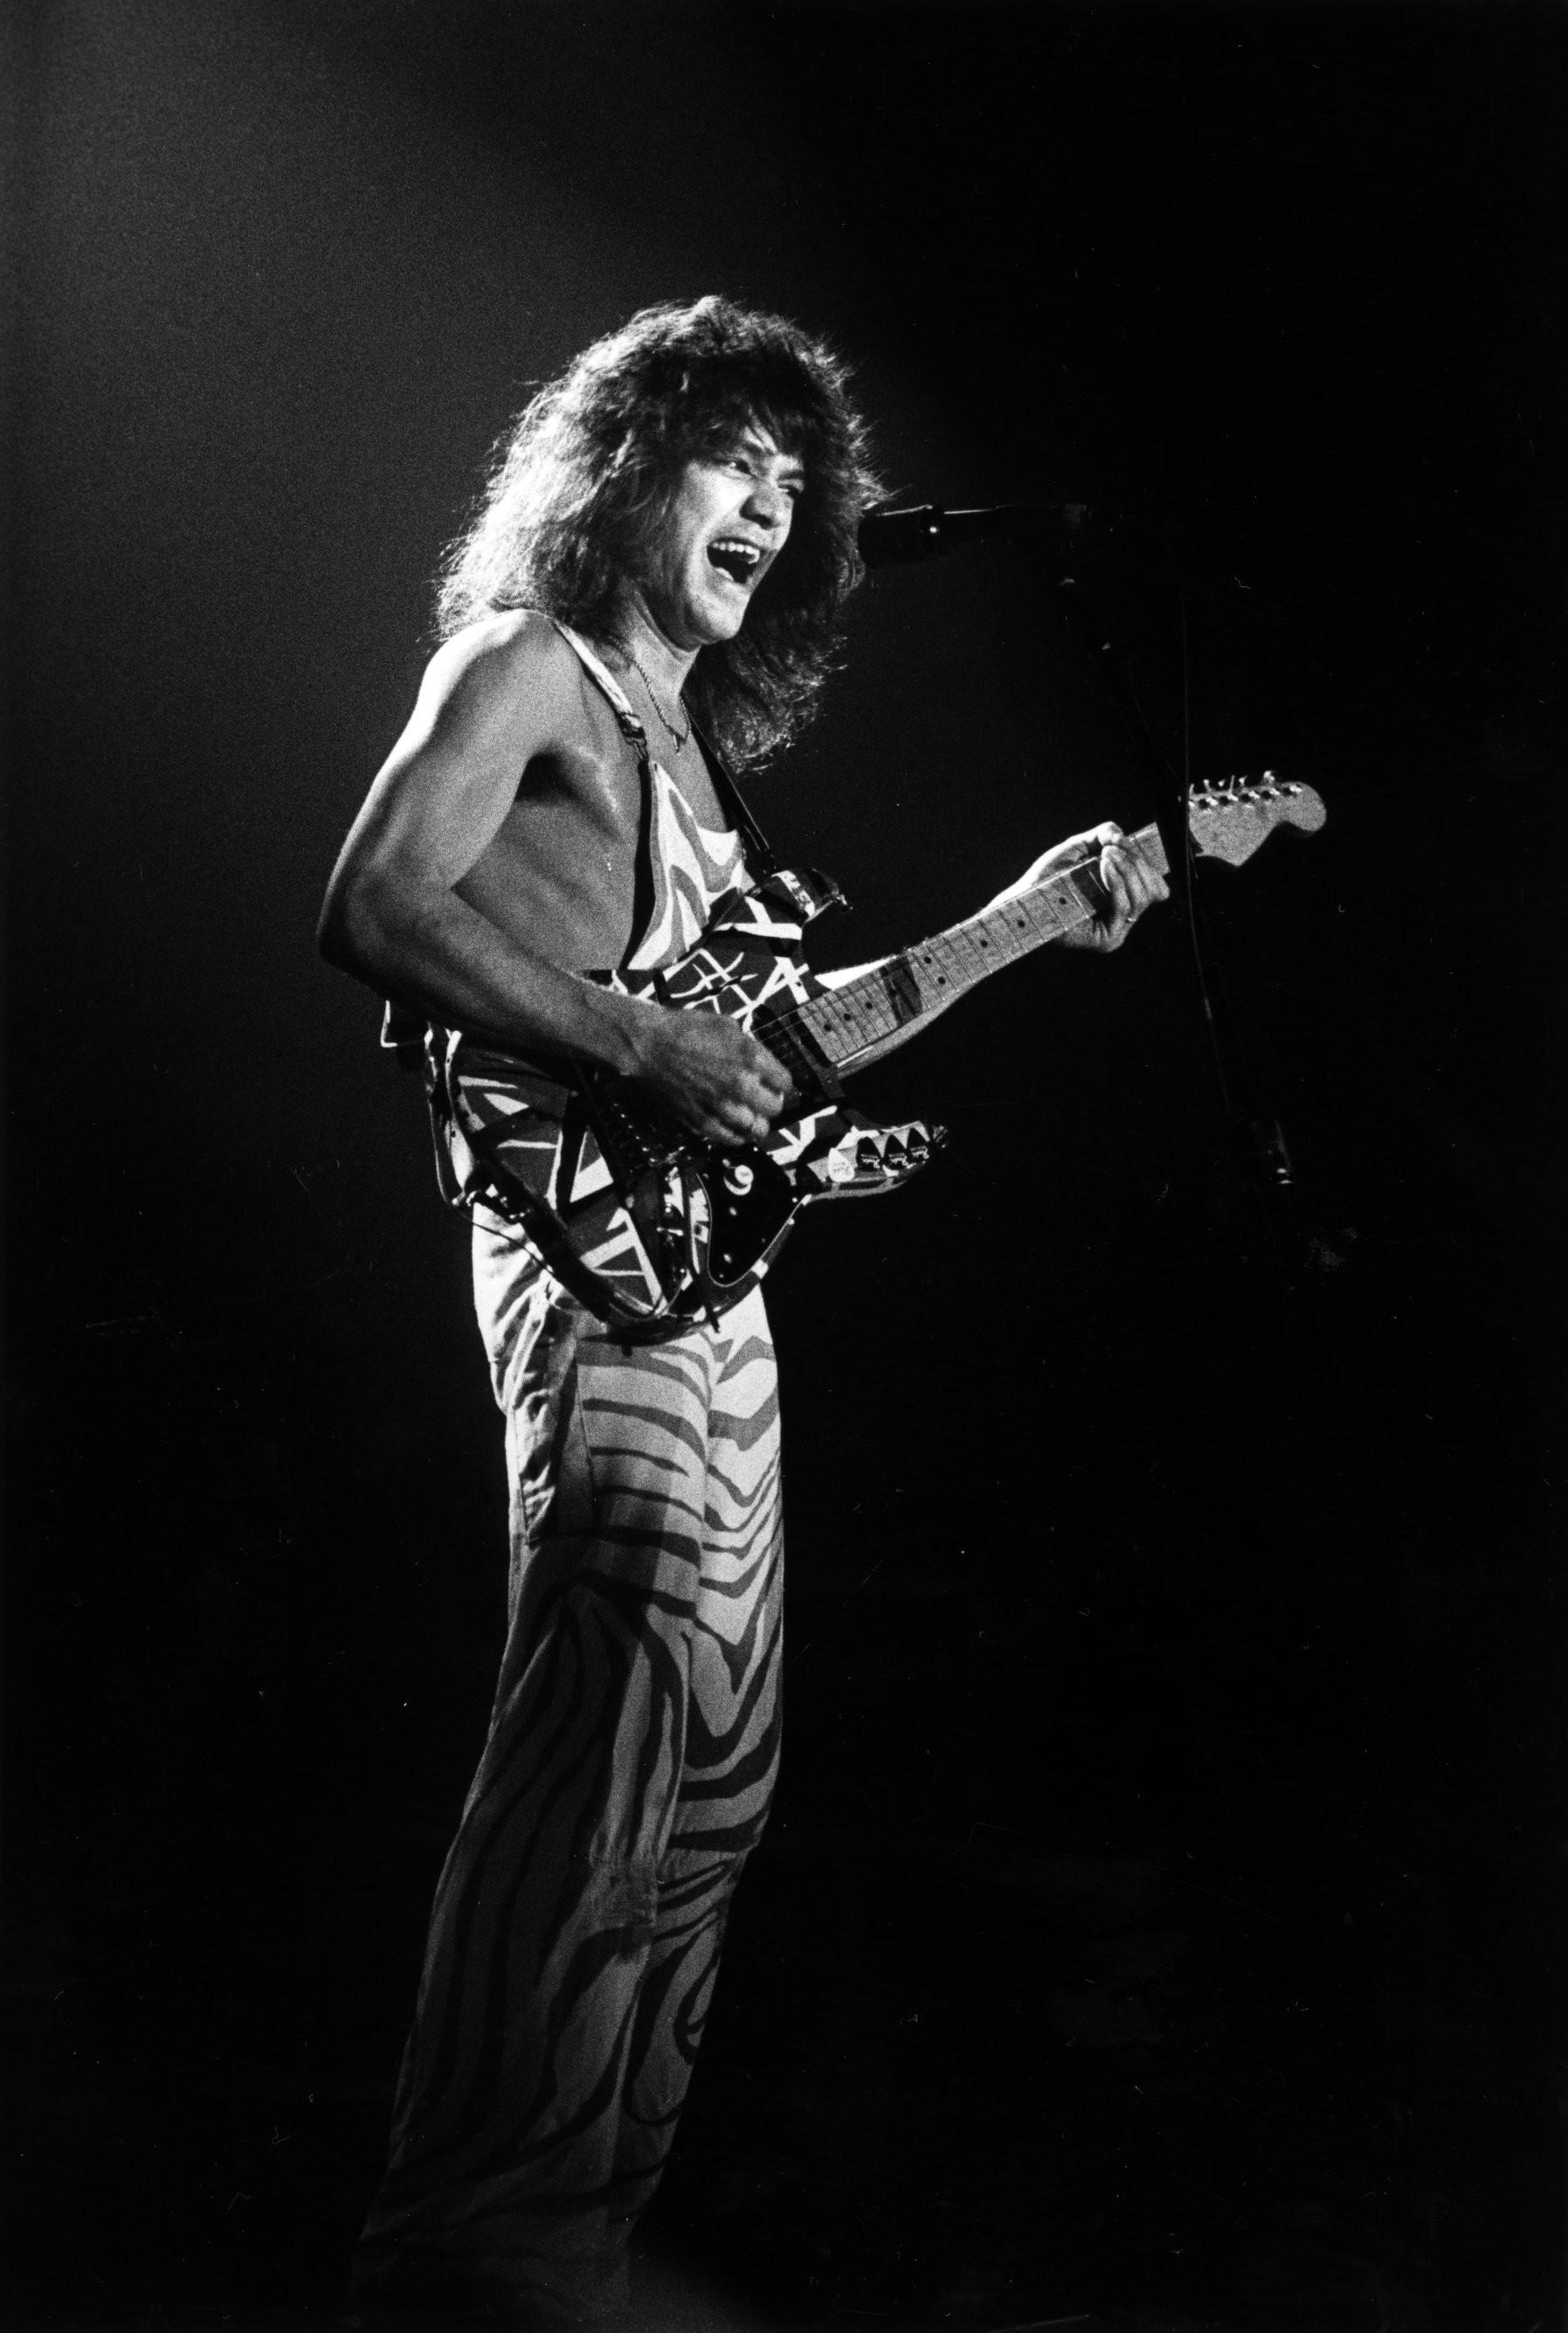 Van Halen Background 1